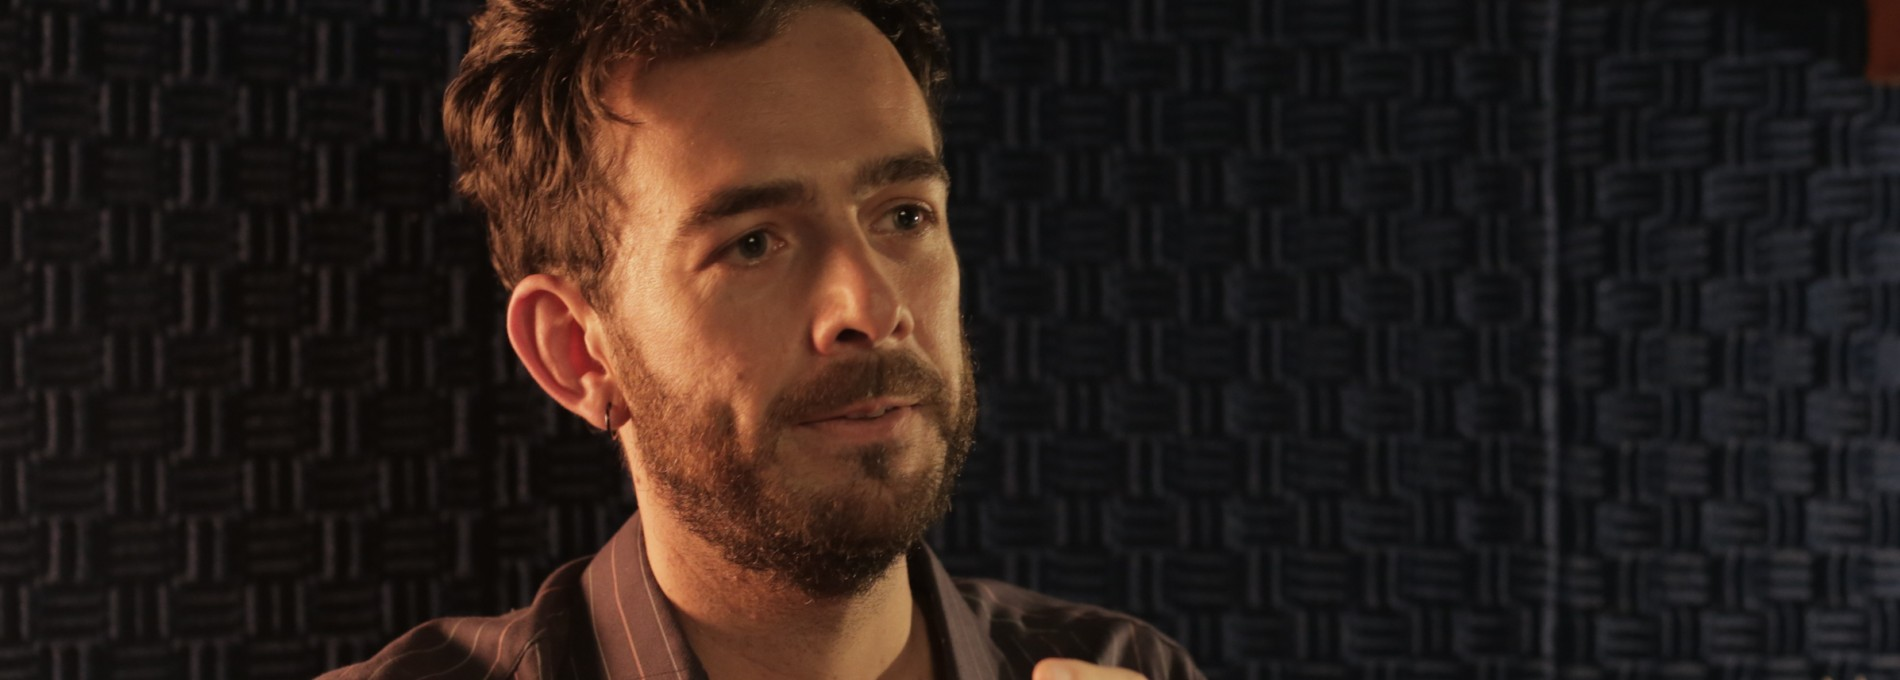 Gabriel Guerrer